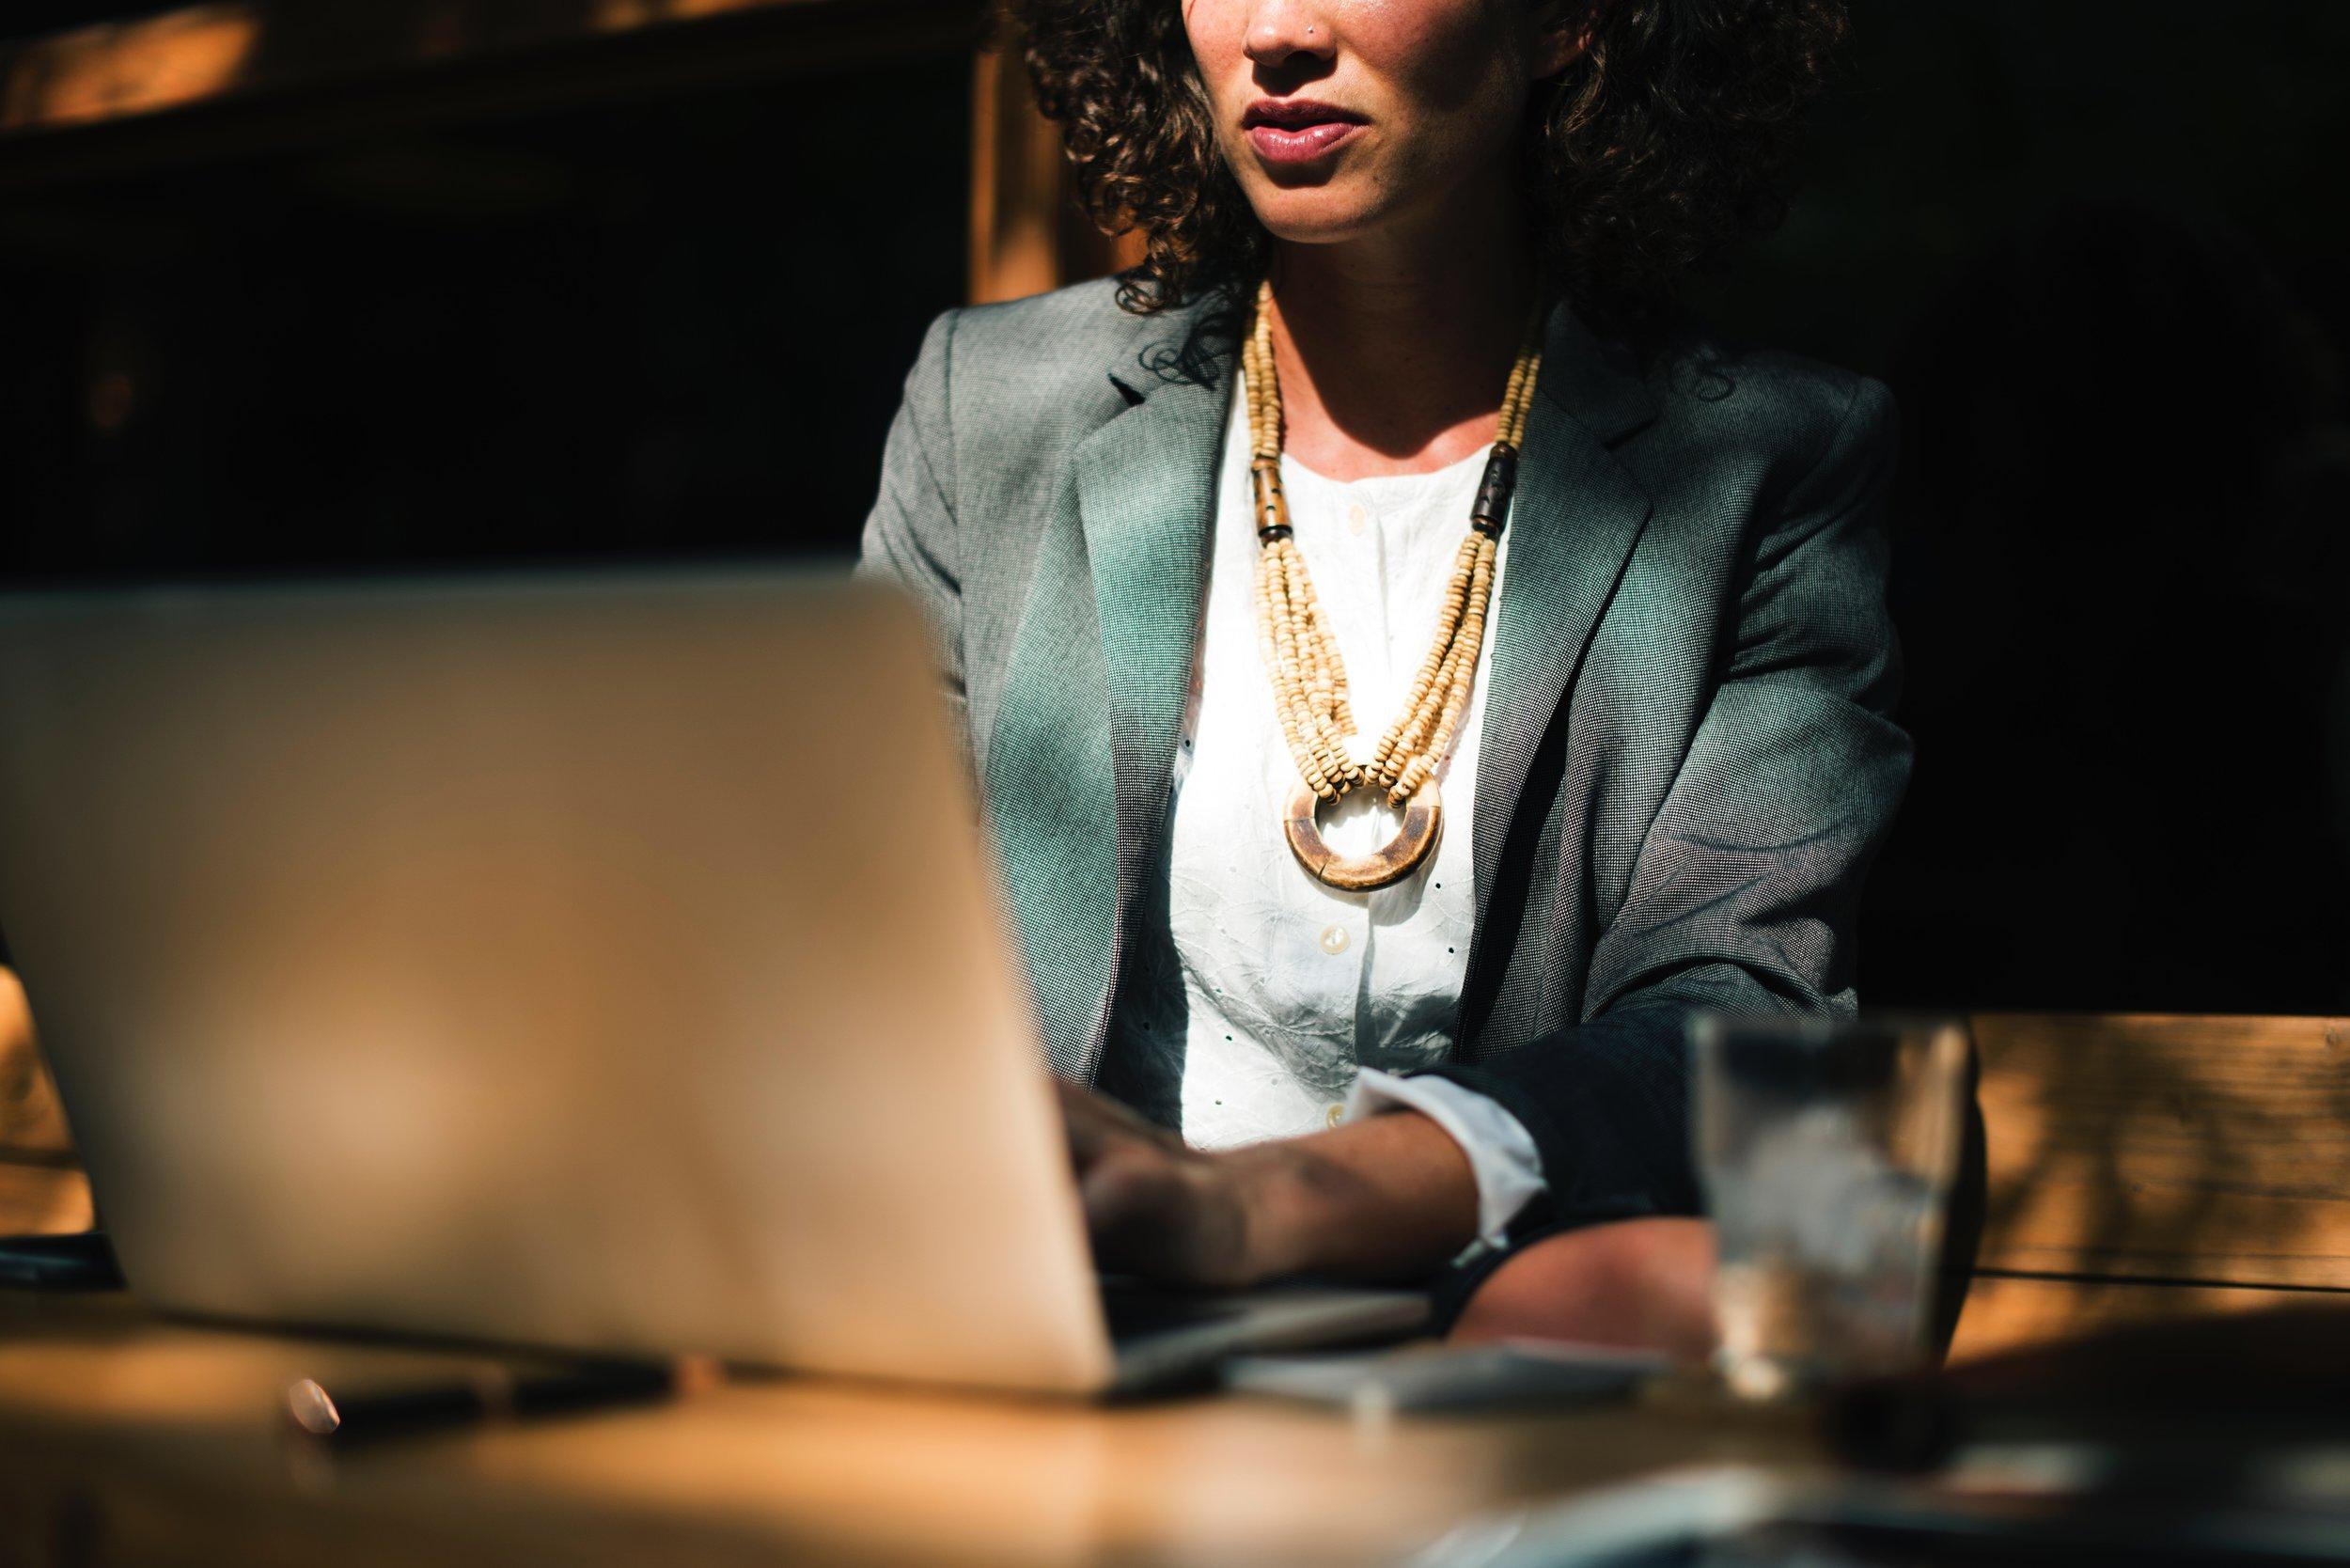 woman seeking online counseling